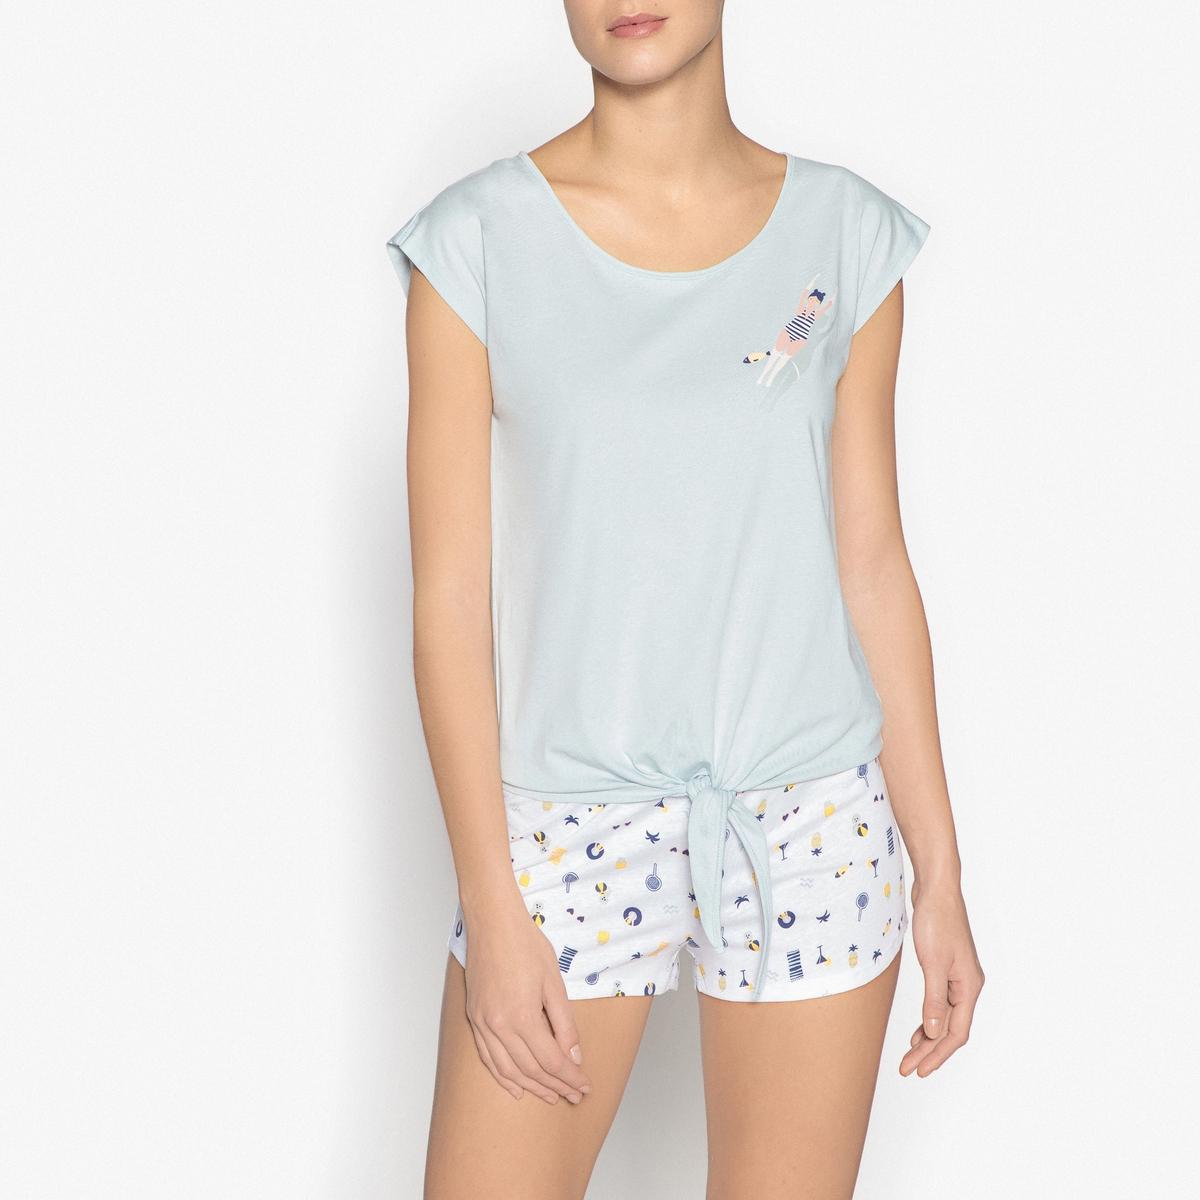 Пижама с шортами с рисункомОписание:Очень мягкая пижама с шортами, с завязками спереди, идеально подойдет для тех, кто любит спать в шортах .Детали изделия •  Прямой покрой . •  Круглый вырез. •  Короткие рукава. •  Бантик спереди . •  Шорты на эластичном поясе со шнурком . •  Длина : верх 62 см, длина по внутр.шву 5 см .Состав и уход •  Материал : 100% хлопок. •  Машинная стирка при 40°C на деликатном режиме. •  Стирать с вещами схожих цветов. •  Стирать и гладить с изнаночной стороны. •  Гладить при низкой температуре.<br><br>Цвет: голубой/ белый<br>Размер: 46/48 (FR) - 52/54 (RUS).42/44 (FR) - 48/50 (RUS).34/36 (FR) - 40/42 (RUS).50/52 (FR) - 56/58 (RUS).38/40 (FR) - 44/46 (RUS)